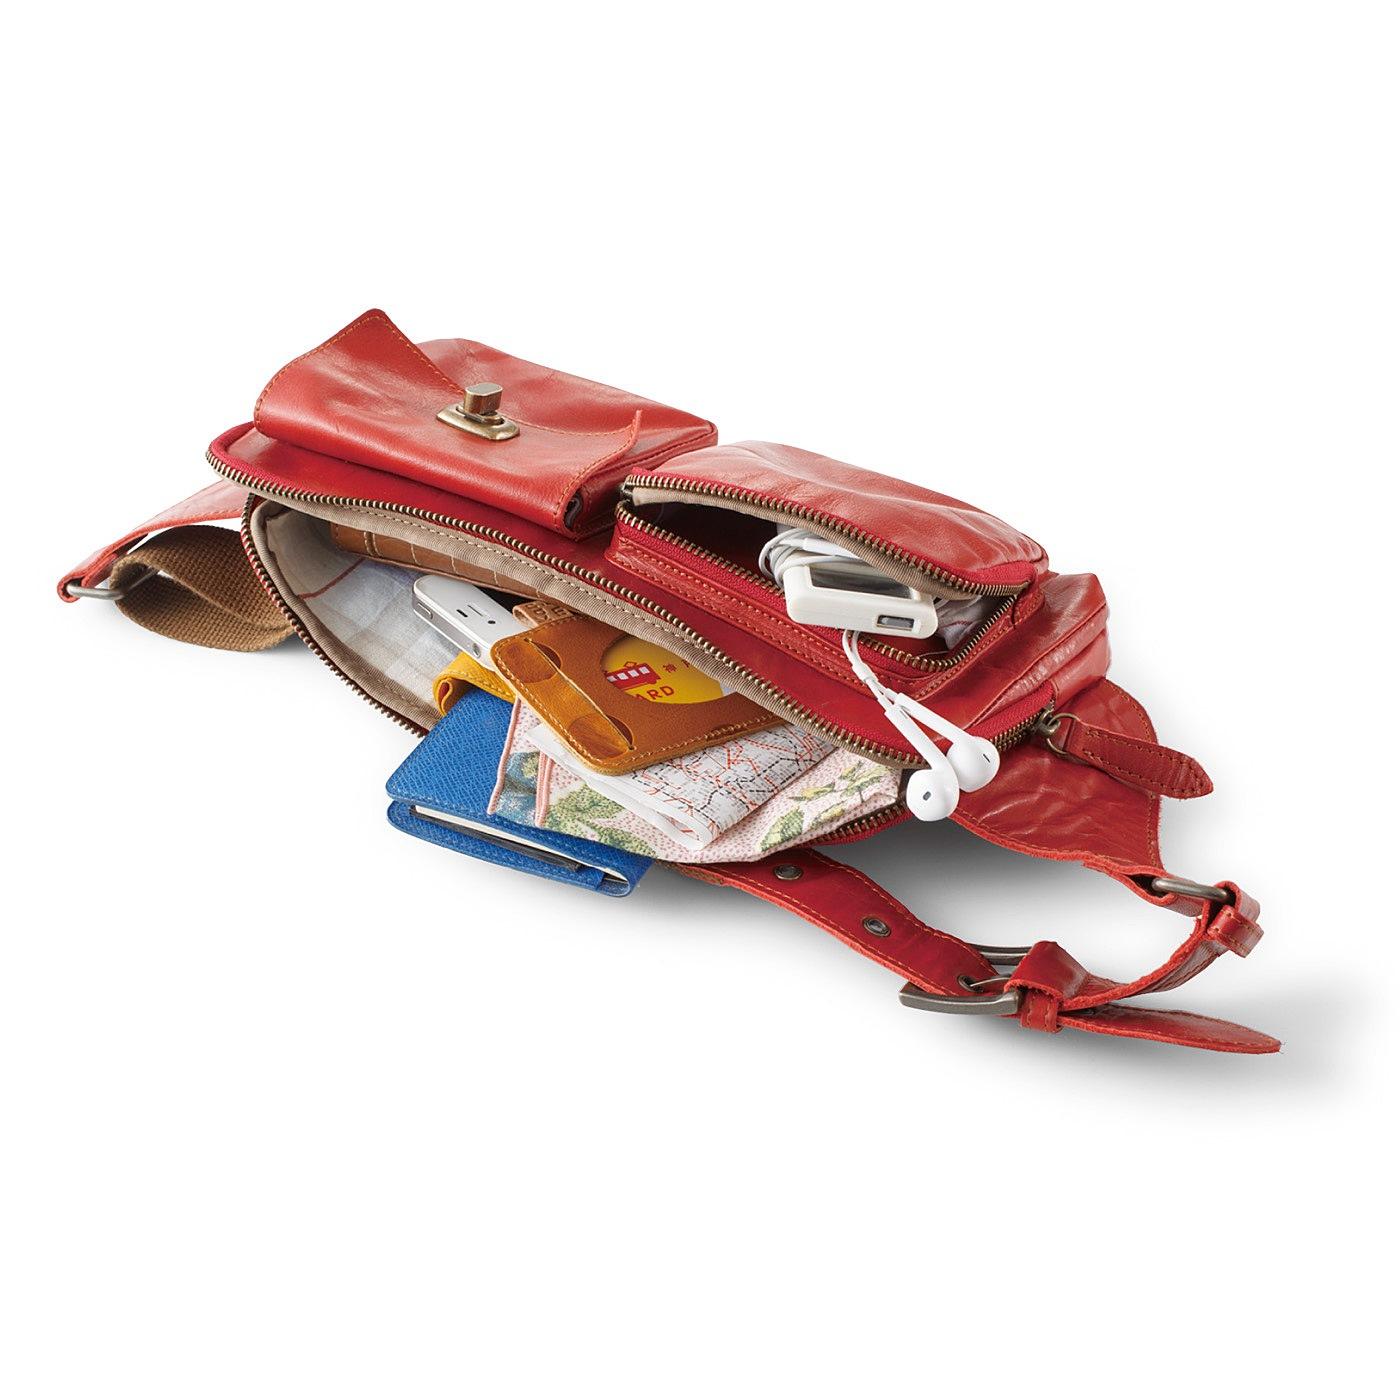 大きく開くメインポケットは長財布やデジカメなどもすっぽり収納できるサイズ。